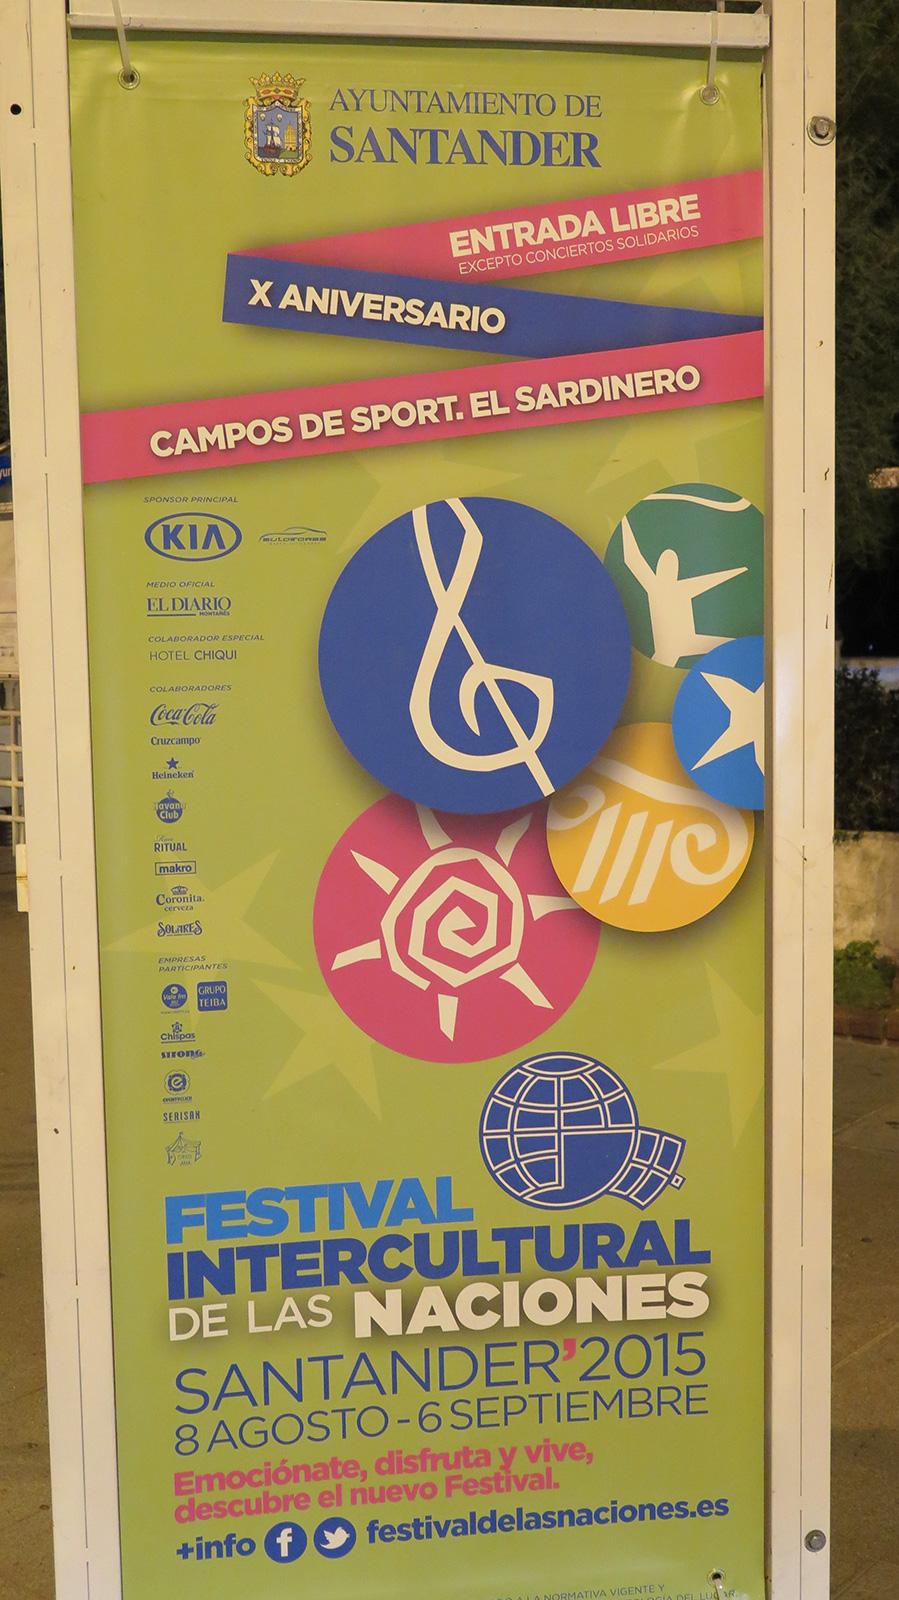 Festival de las Naciones Santander